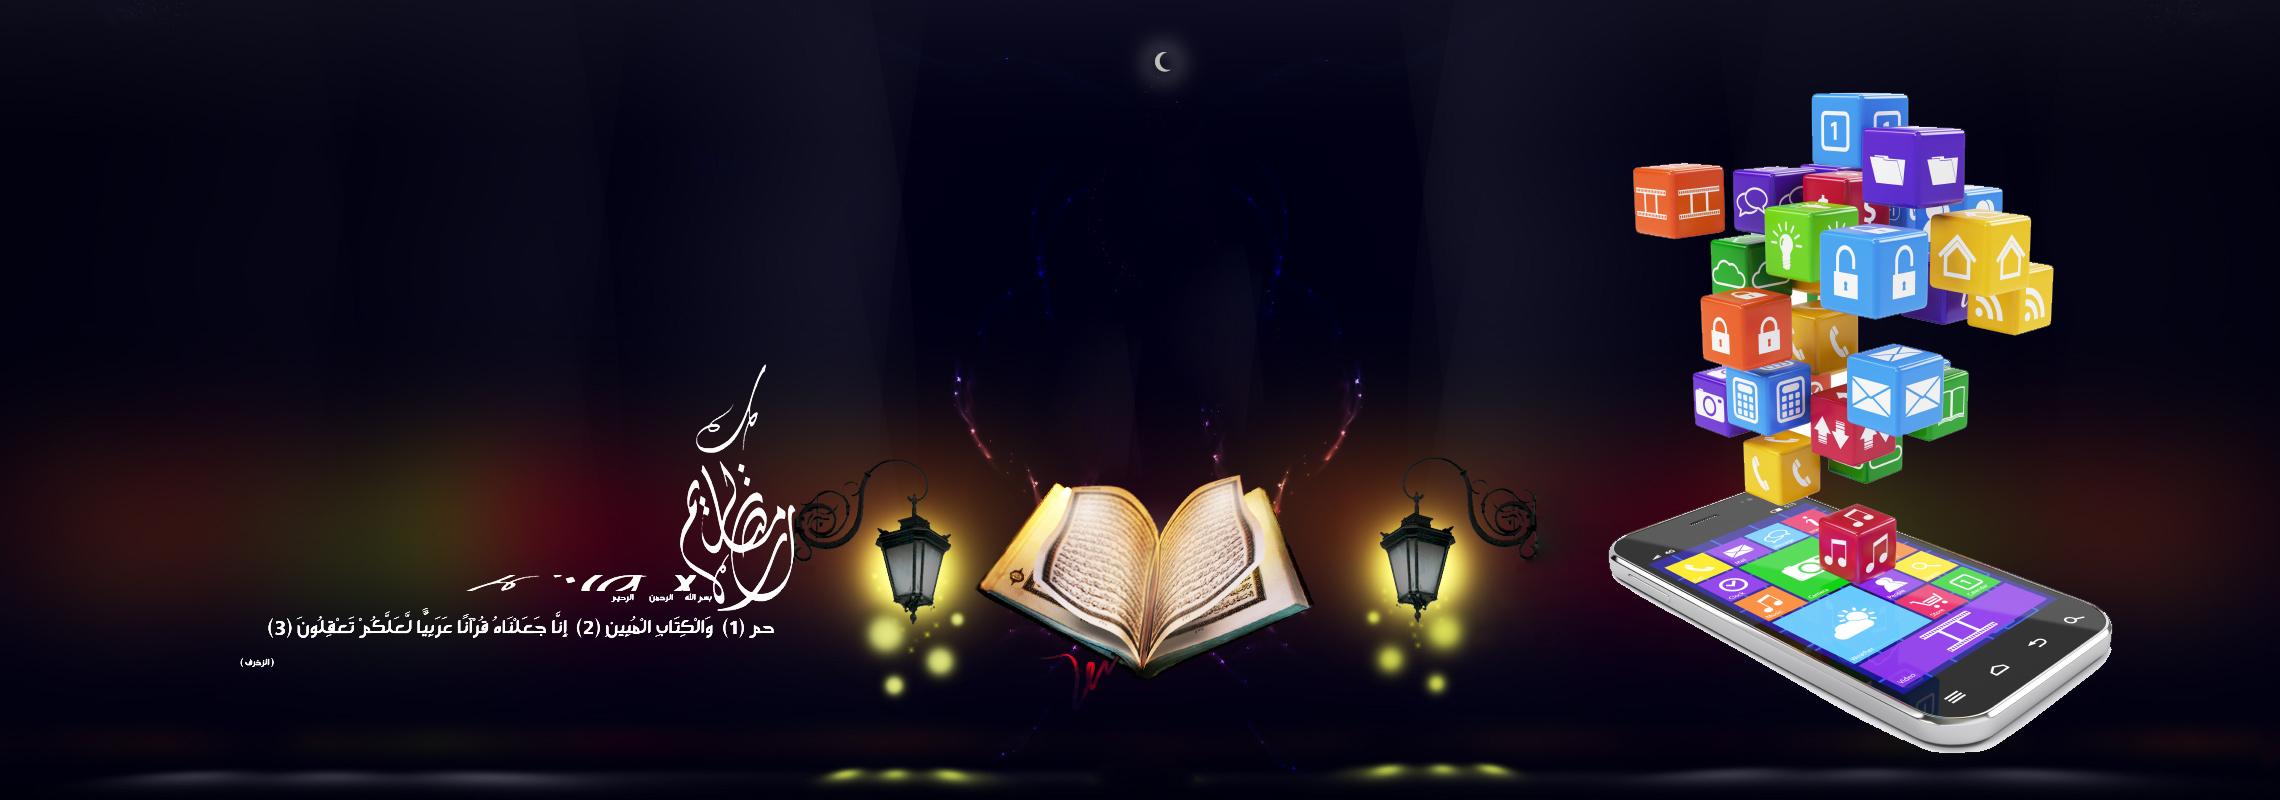 مسابقه رمضانی ویژه رمضان مجتمع دینی بندرعباس